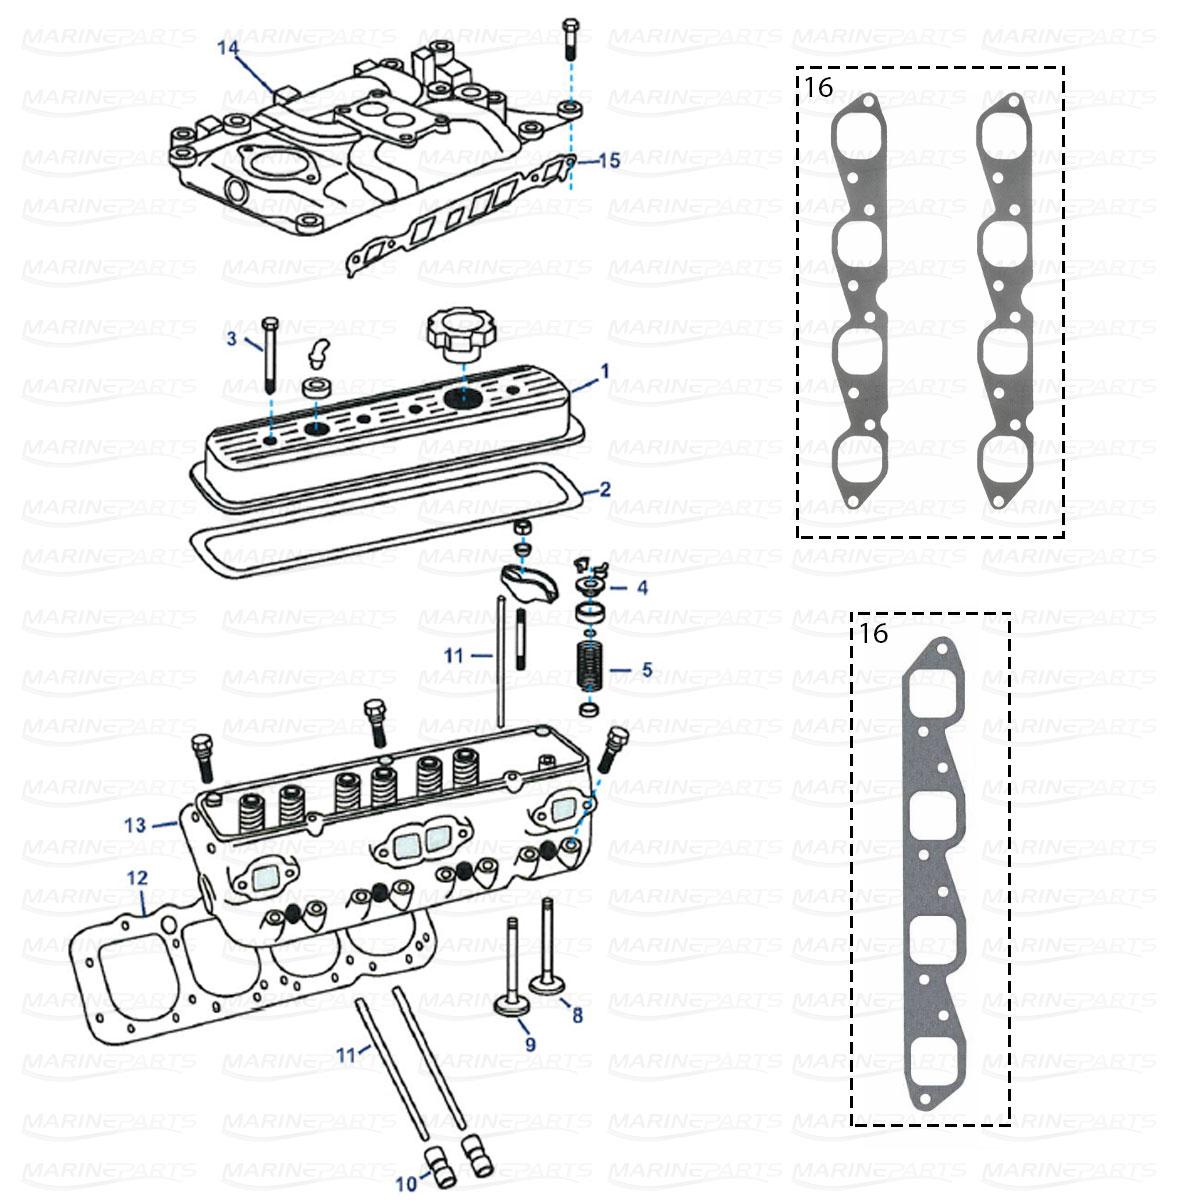 Moottorinosat MerCruiser sisäperämottorille, Marineparts